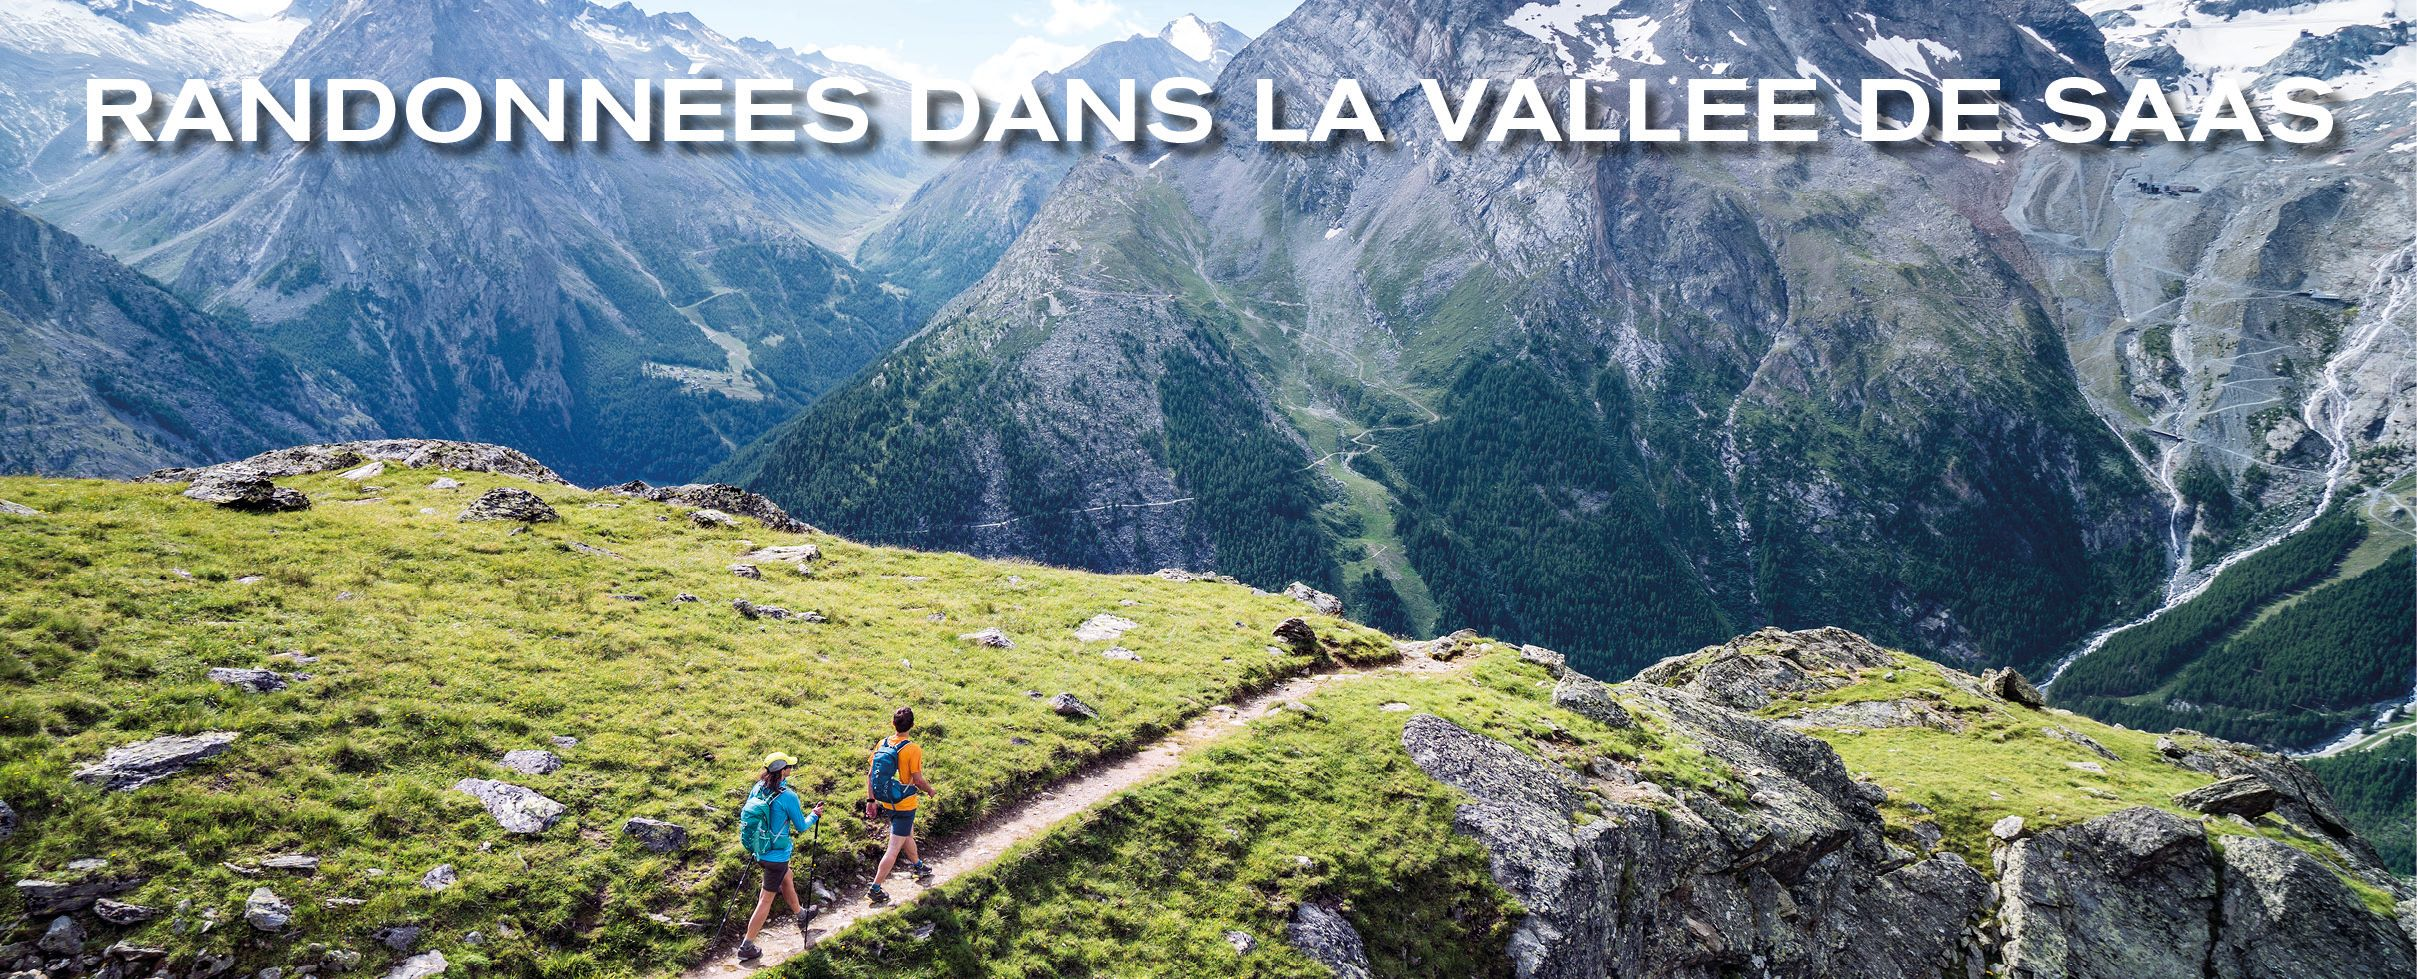 Randonnées dans la vallée de Saas